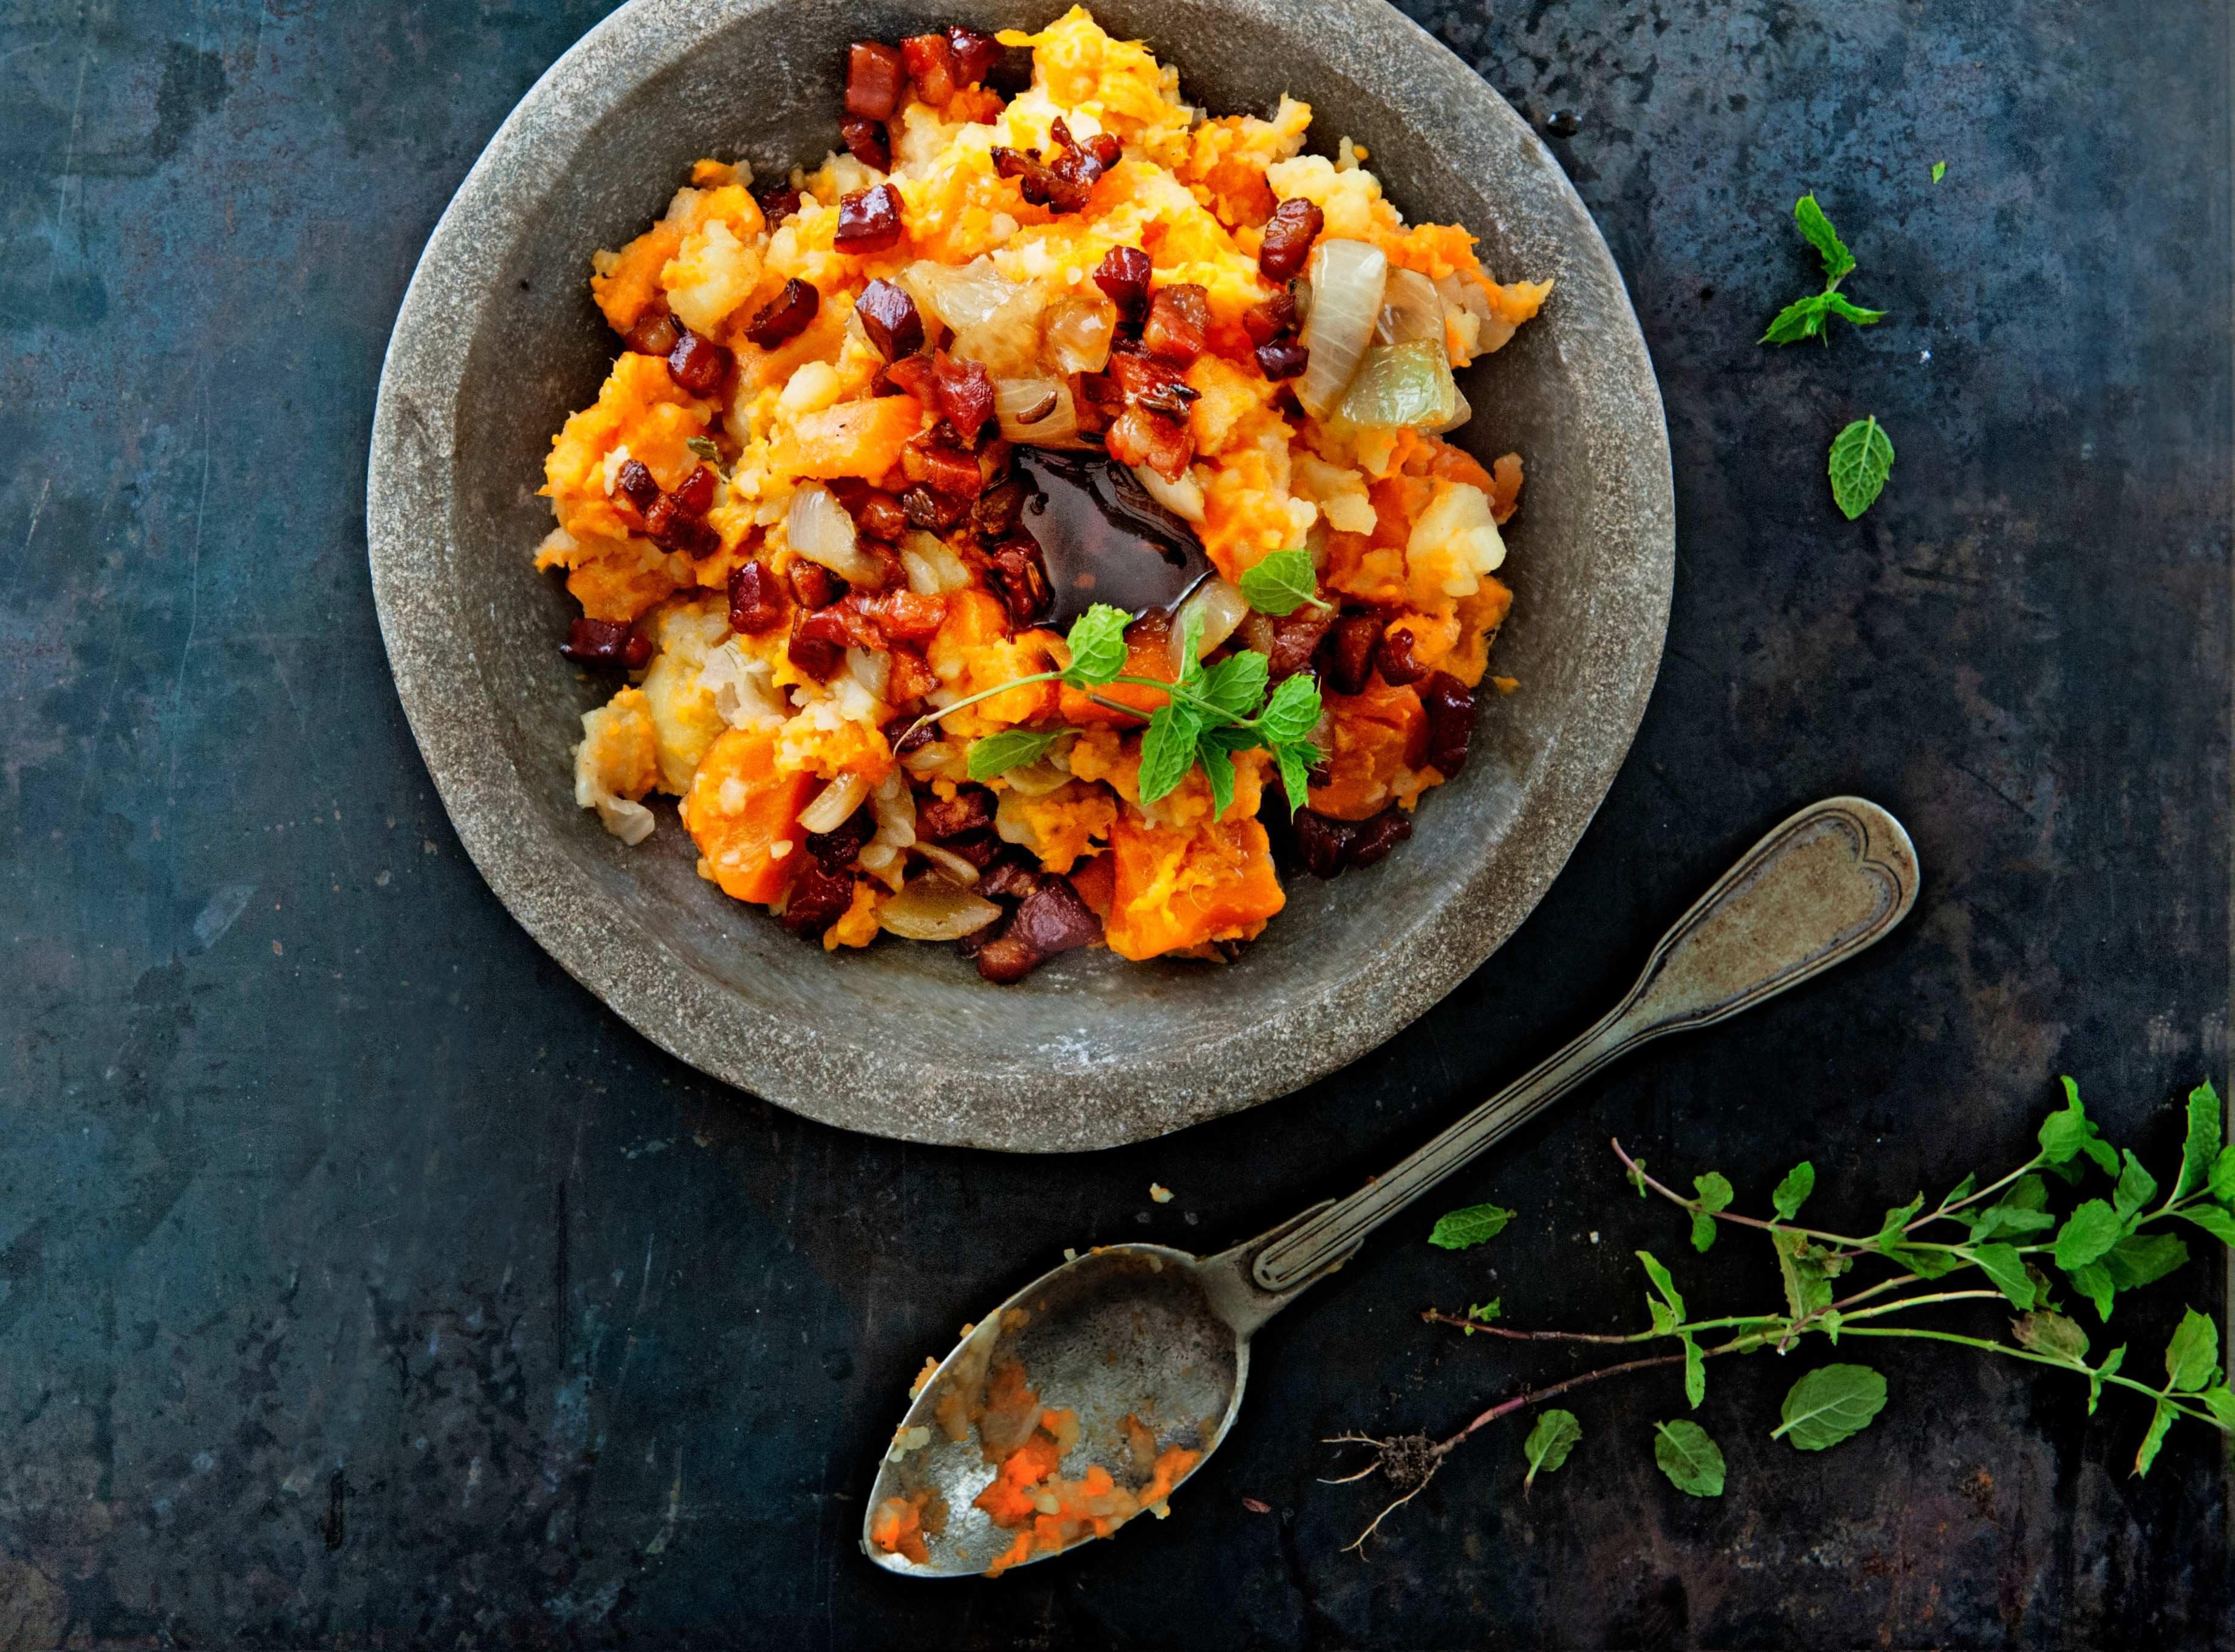 hutspot zoete aardappel delicious.